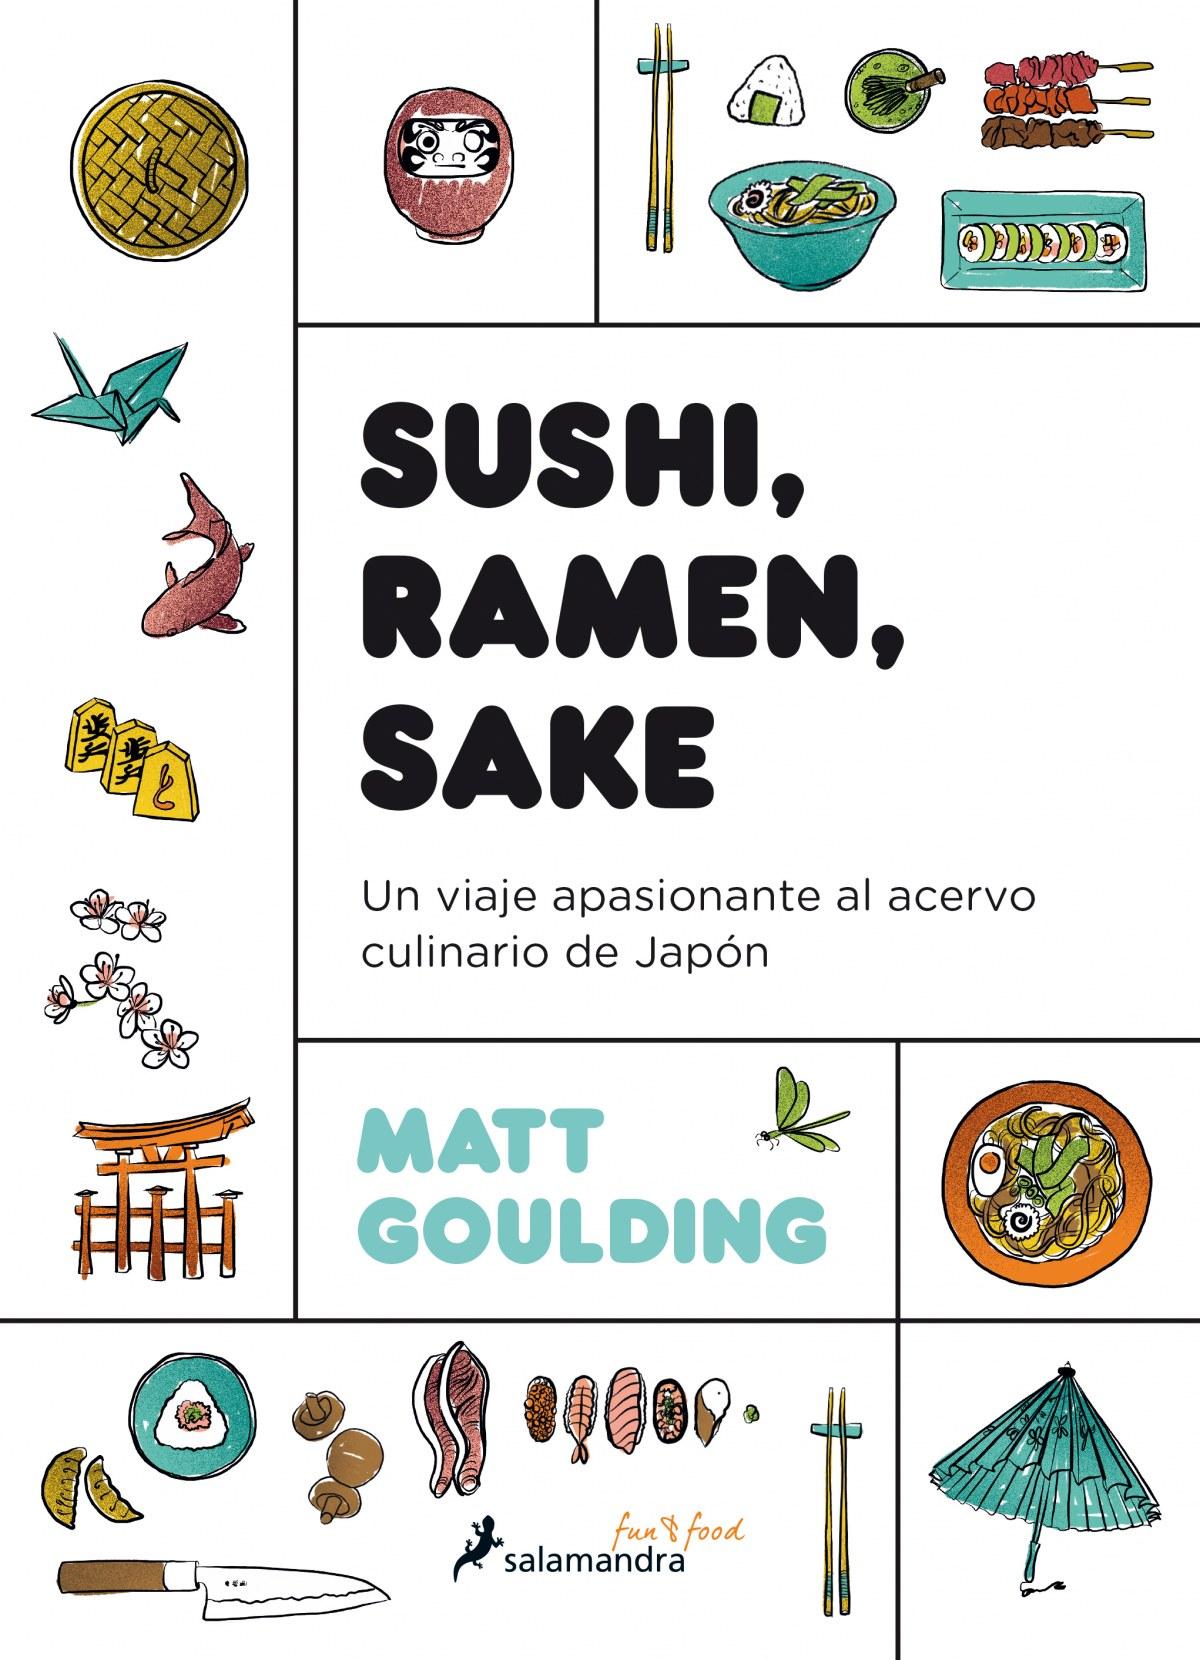 Sushi, ramen, sake; otro libro para acercarse a la cultura japonesa por su gastronomía